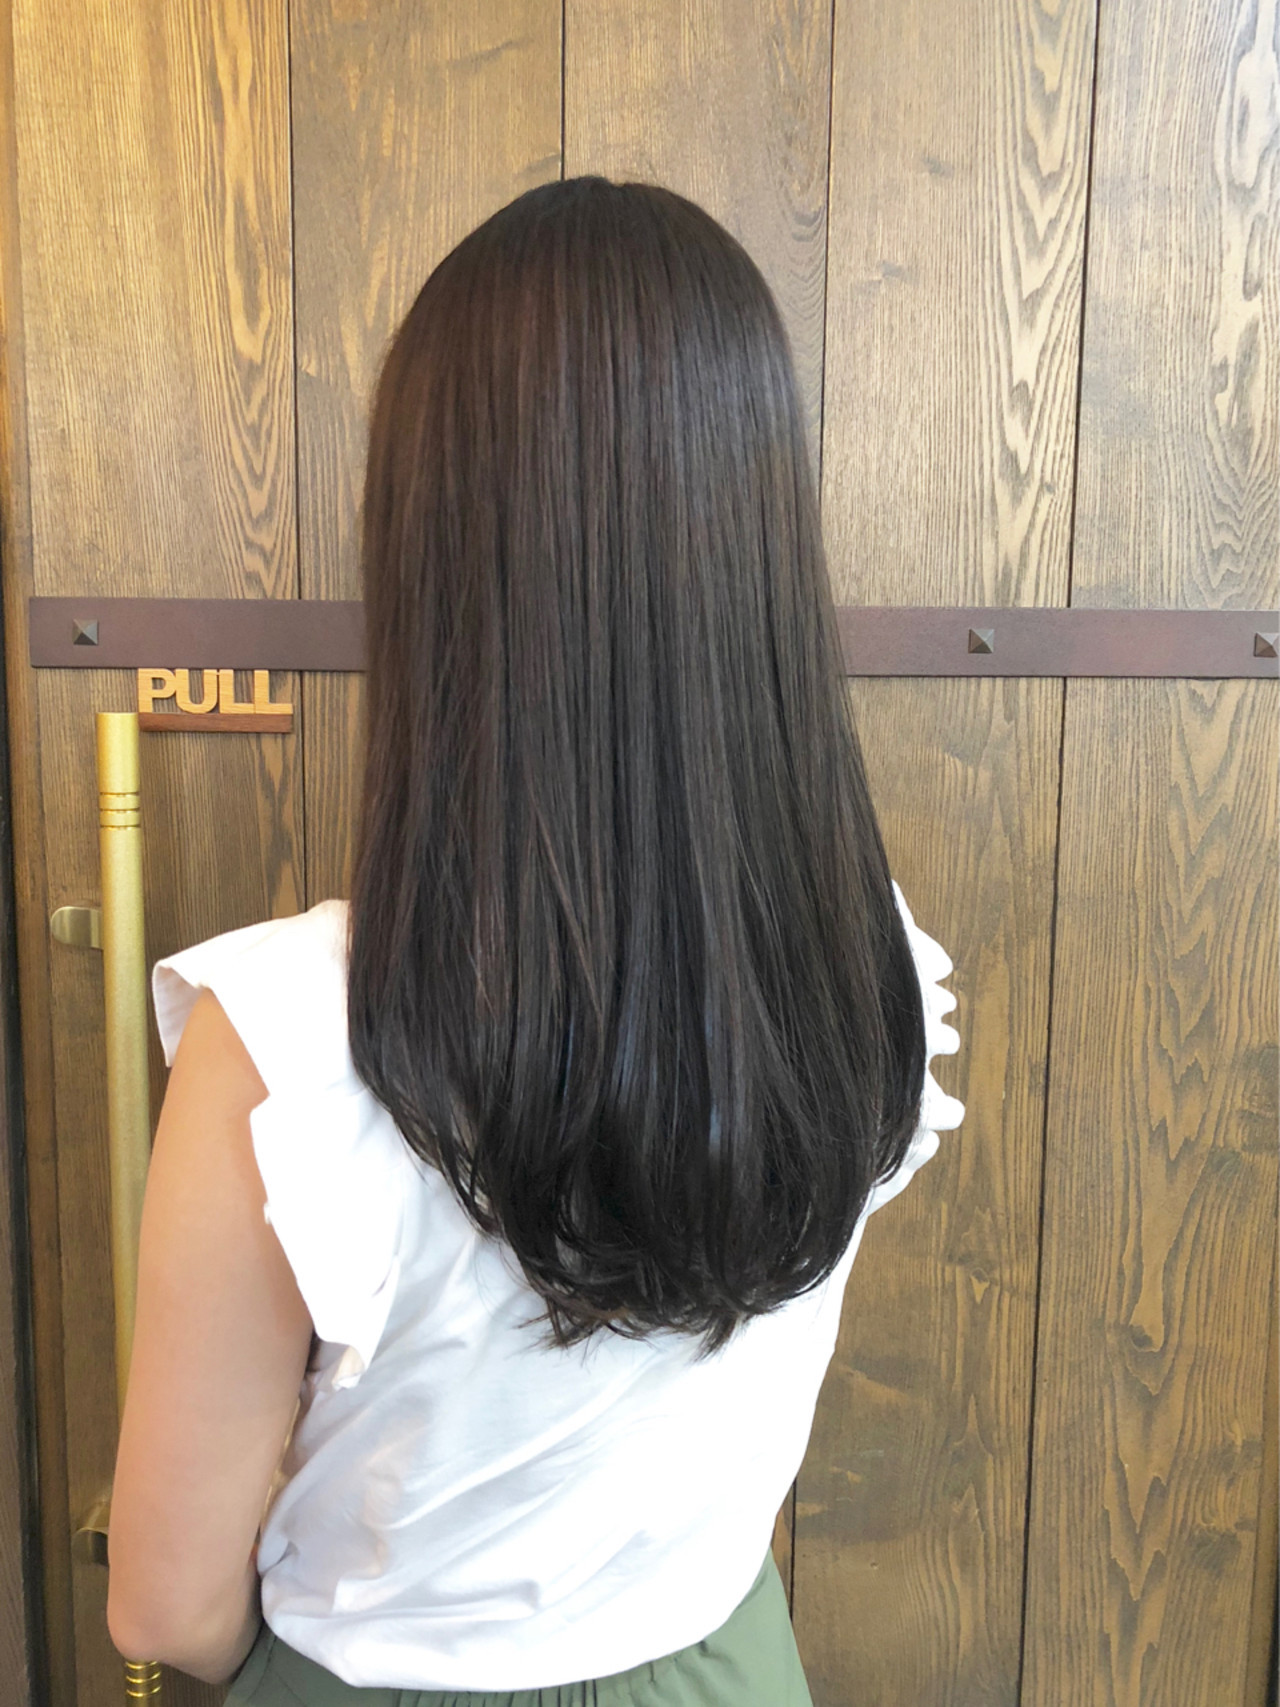 ナチュラル 夏 ロング 透明感 ヘアスタイルや髪型の写真・画像